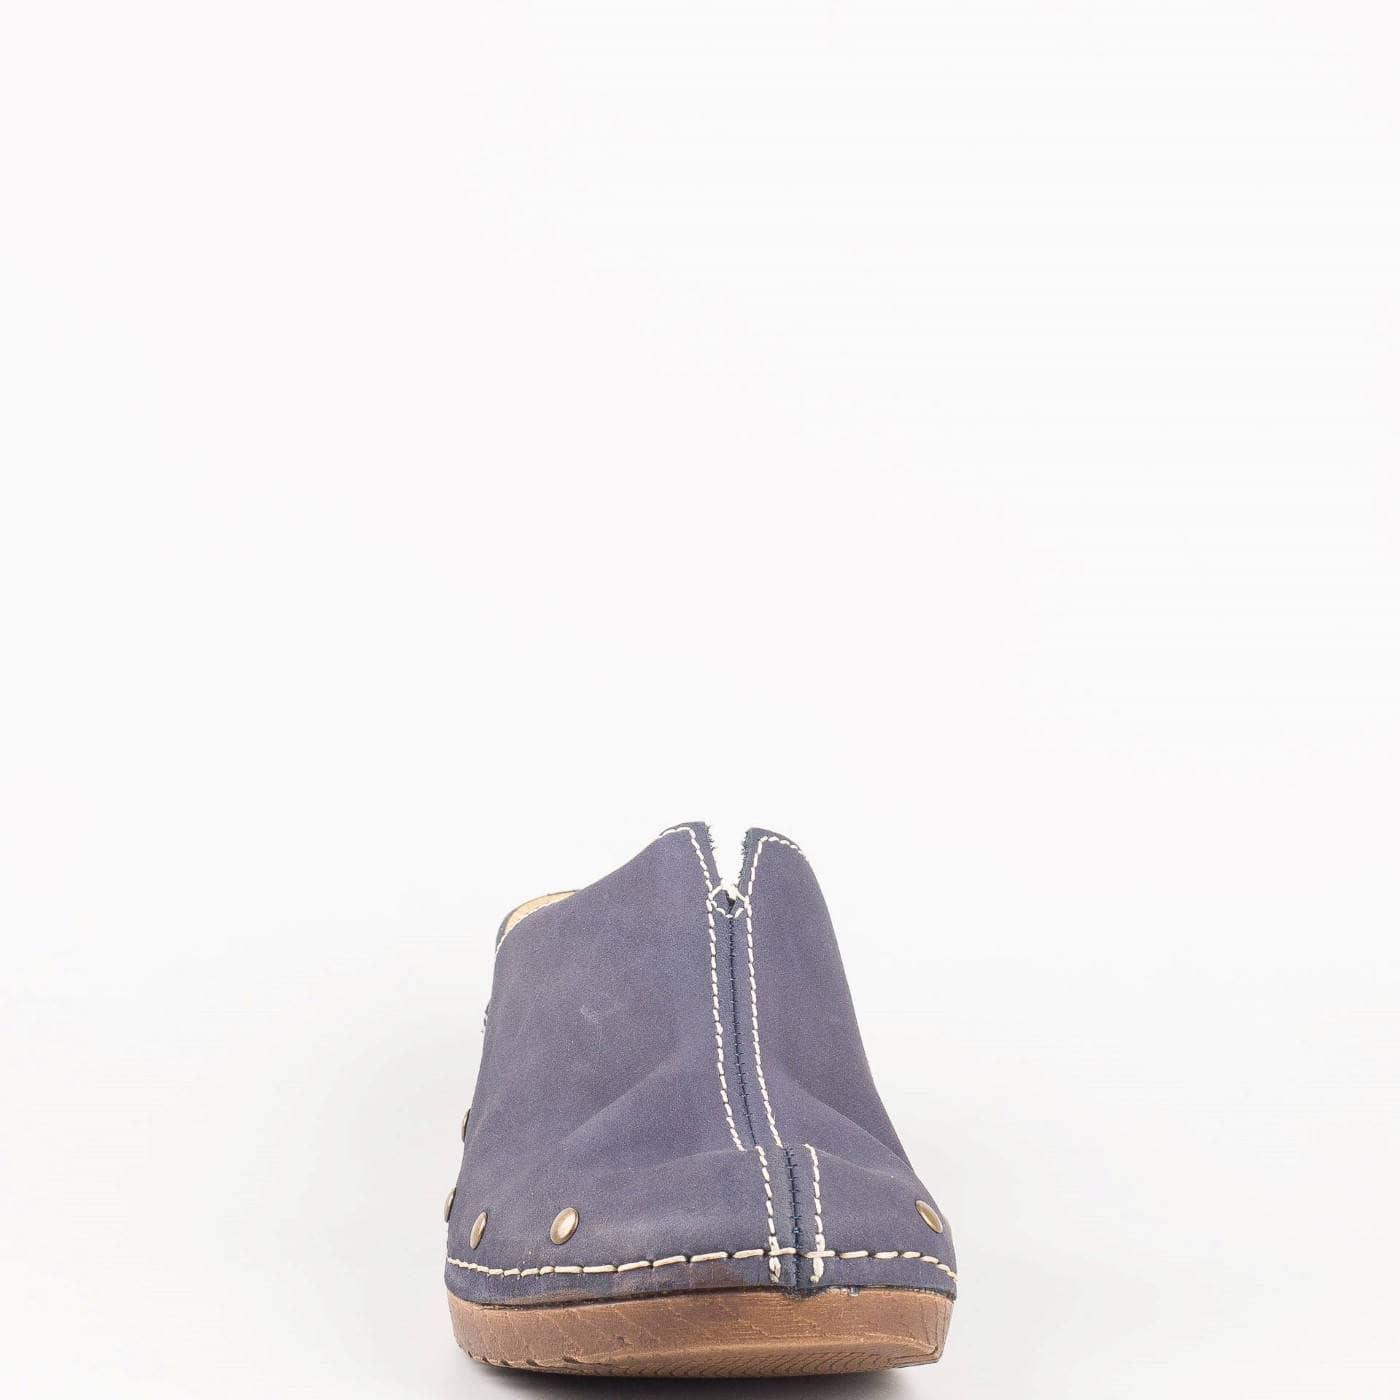 3240f91df2d Немско дамско сабо на платформа от синя естествена кожа- Jana 8827302s